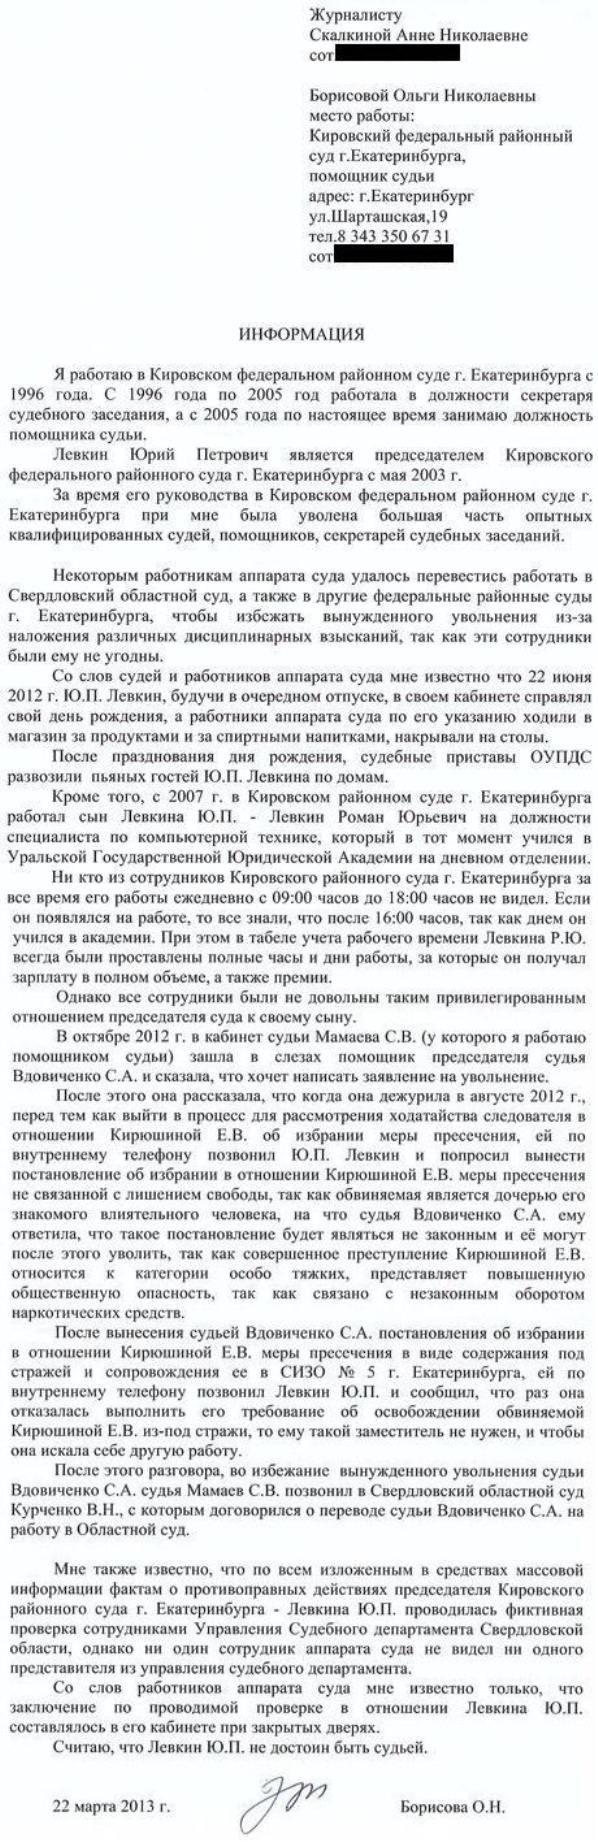 Суд коррупция Фемида взятки Дементьев Левкин скандал Путин Бастрыкин